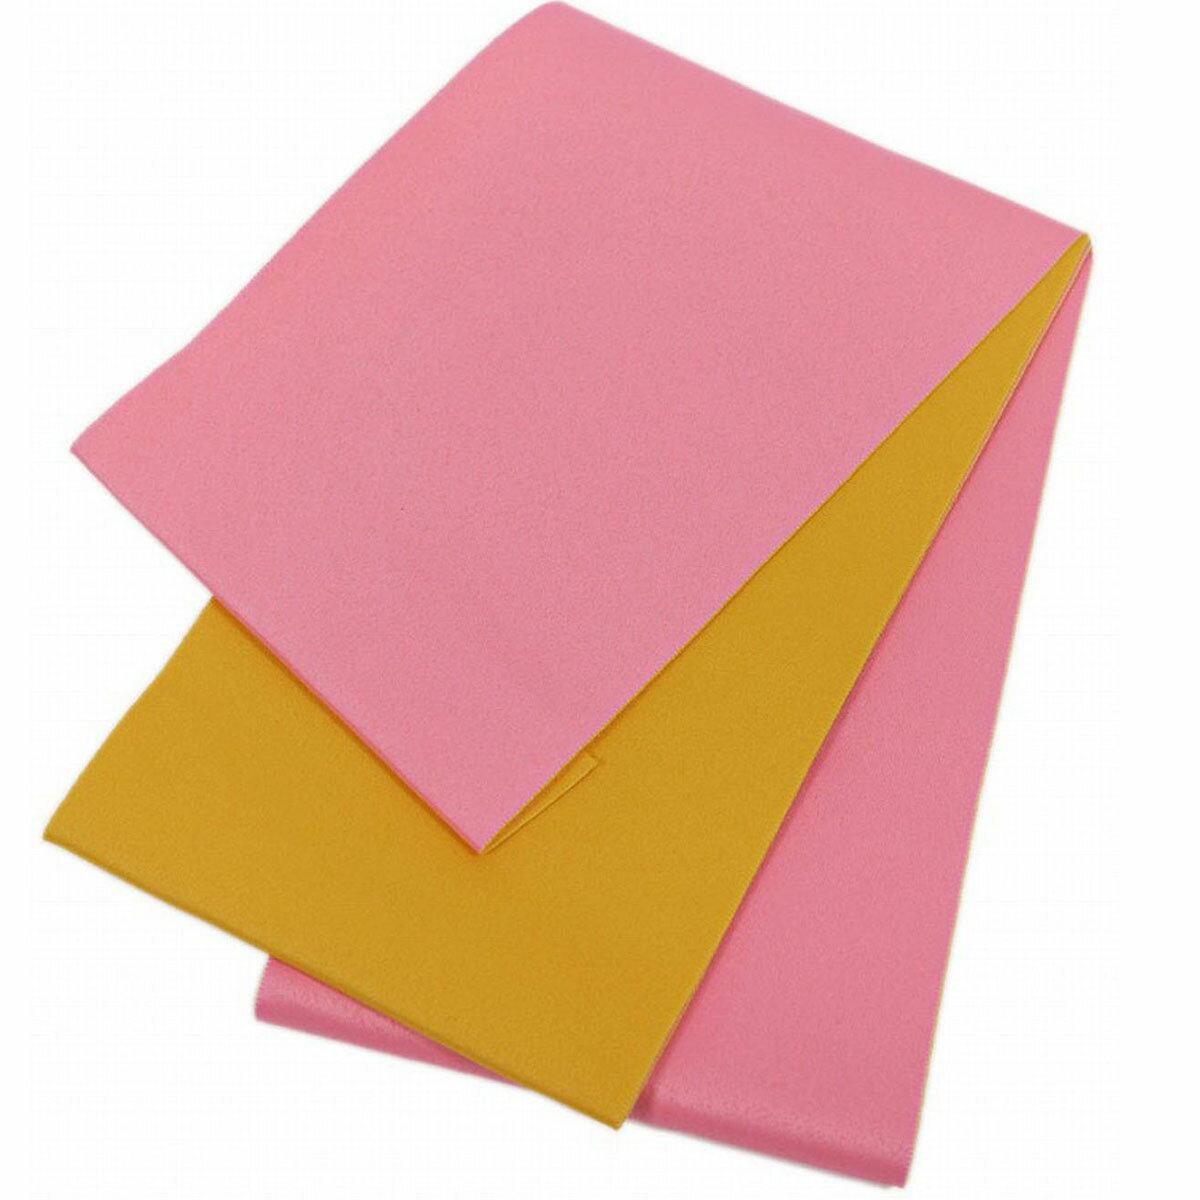 日本製 シンプル リバーシブル 浴衣帯 無地 ピンク×黄色 長尺 超長尺